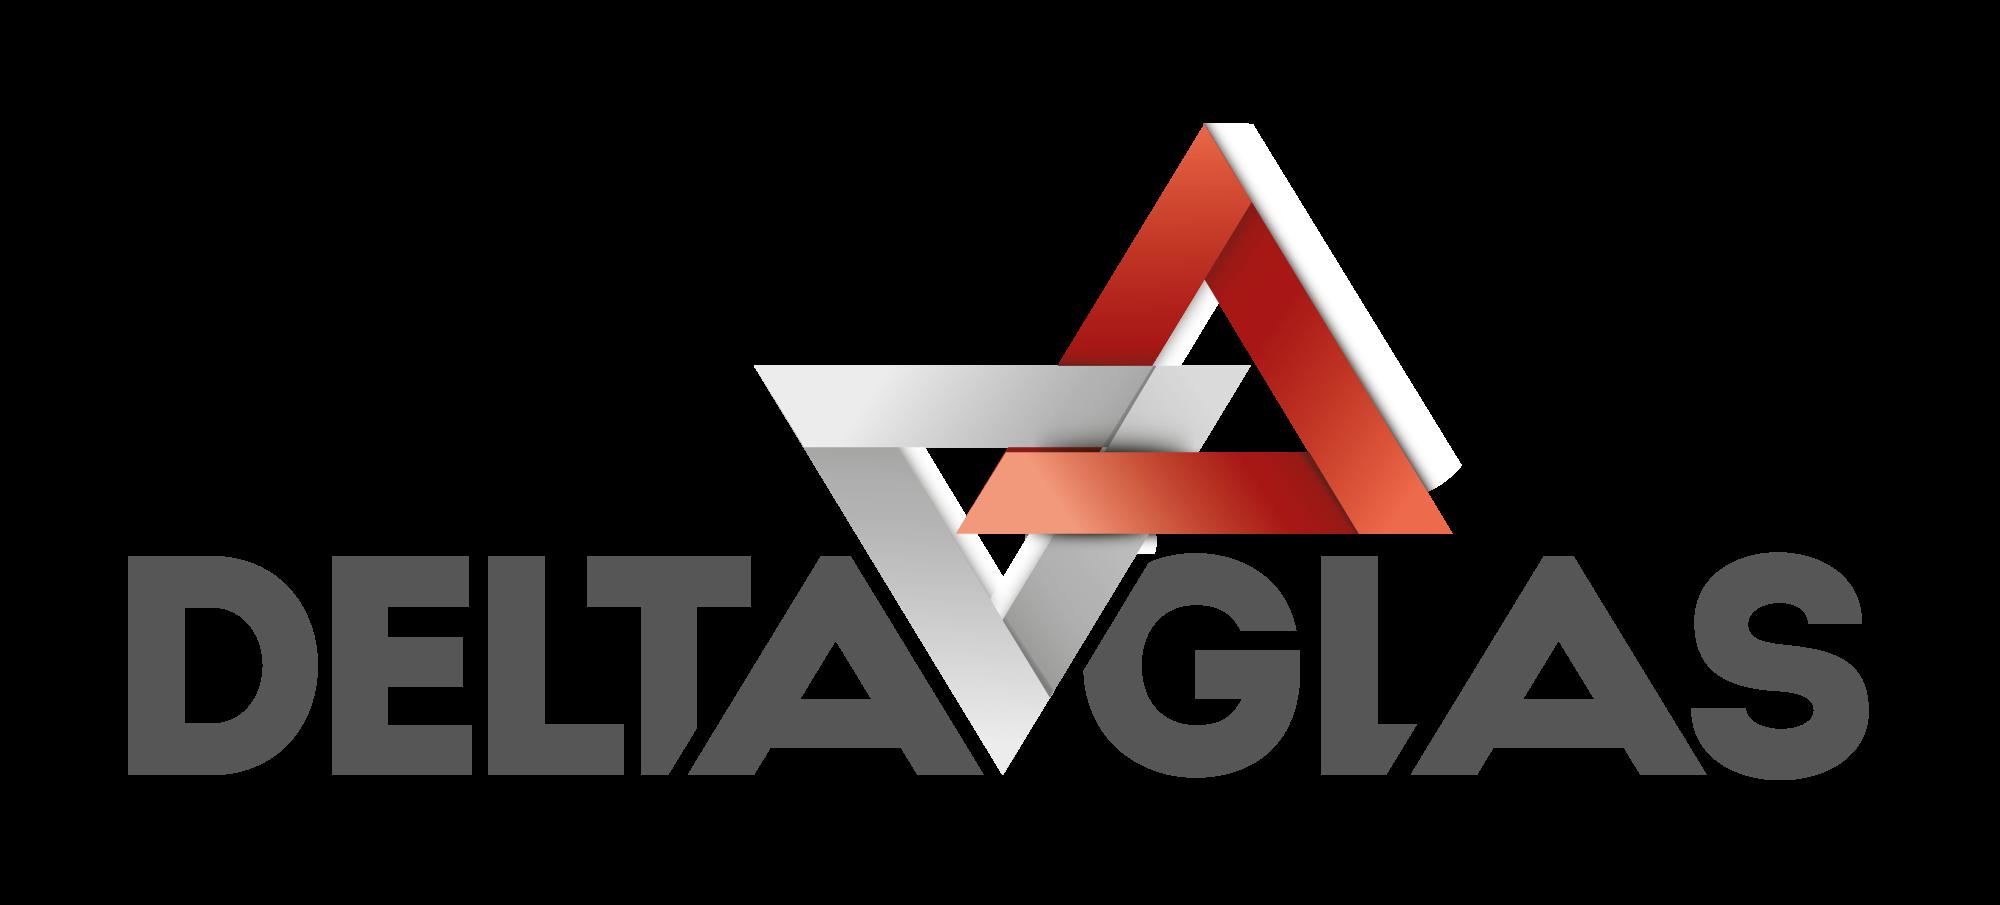 Delta-Glas GmbH in Grünstadt